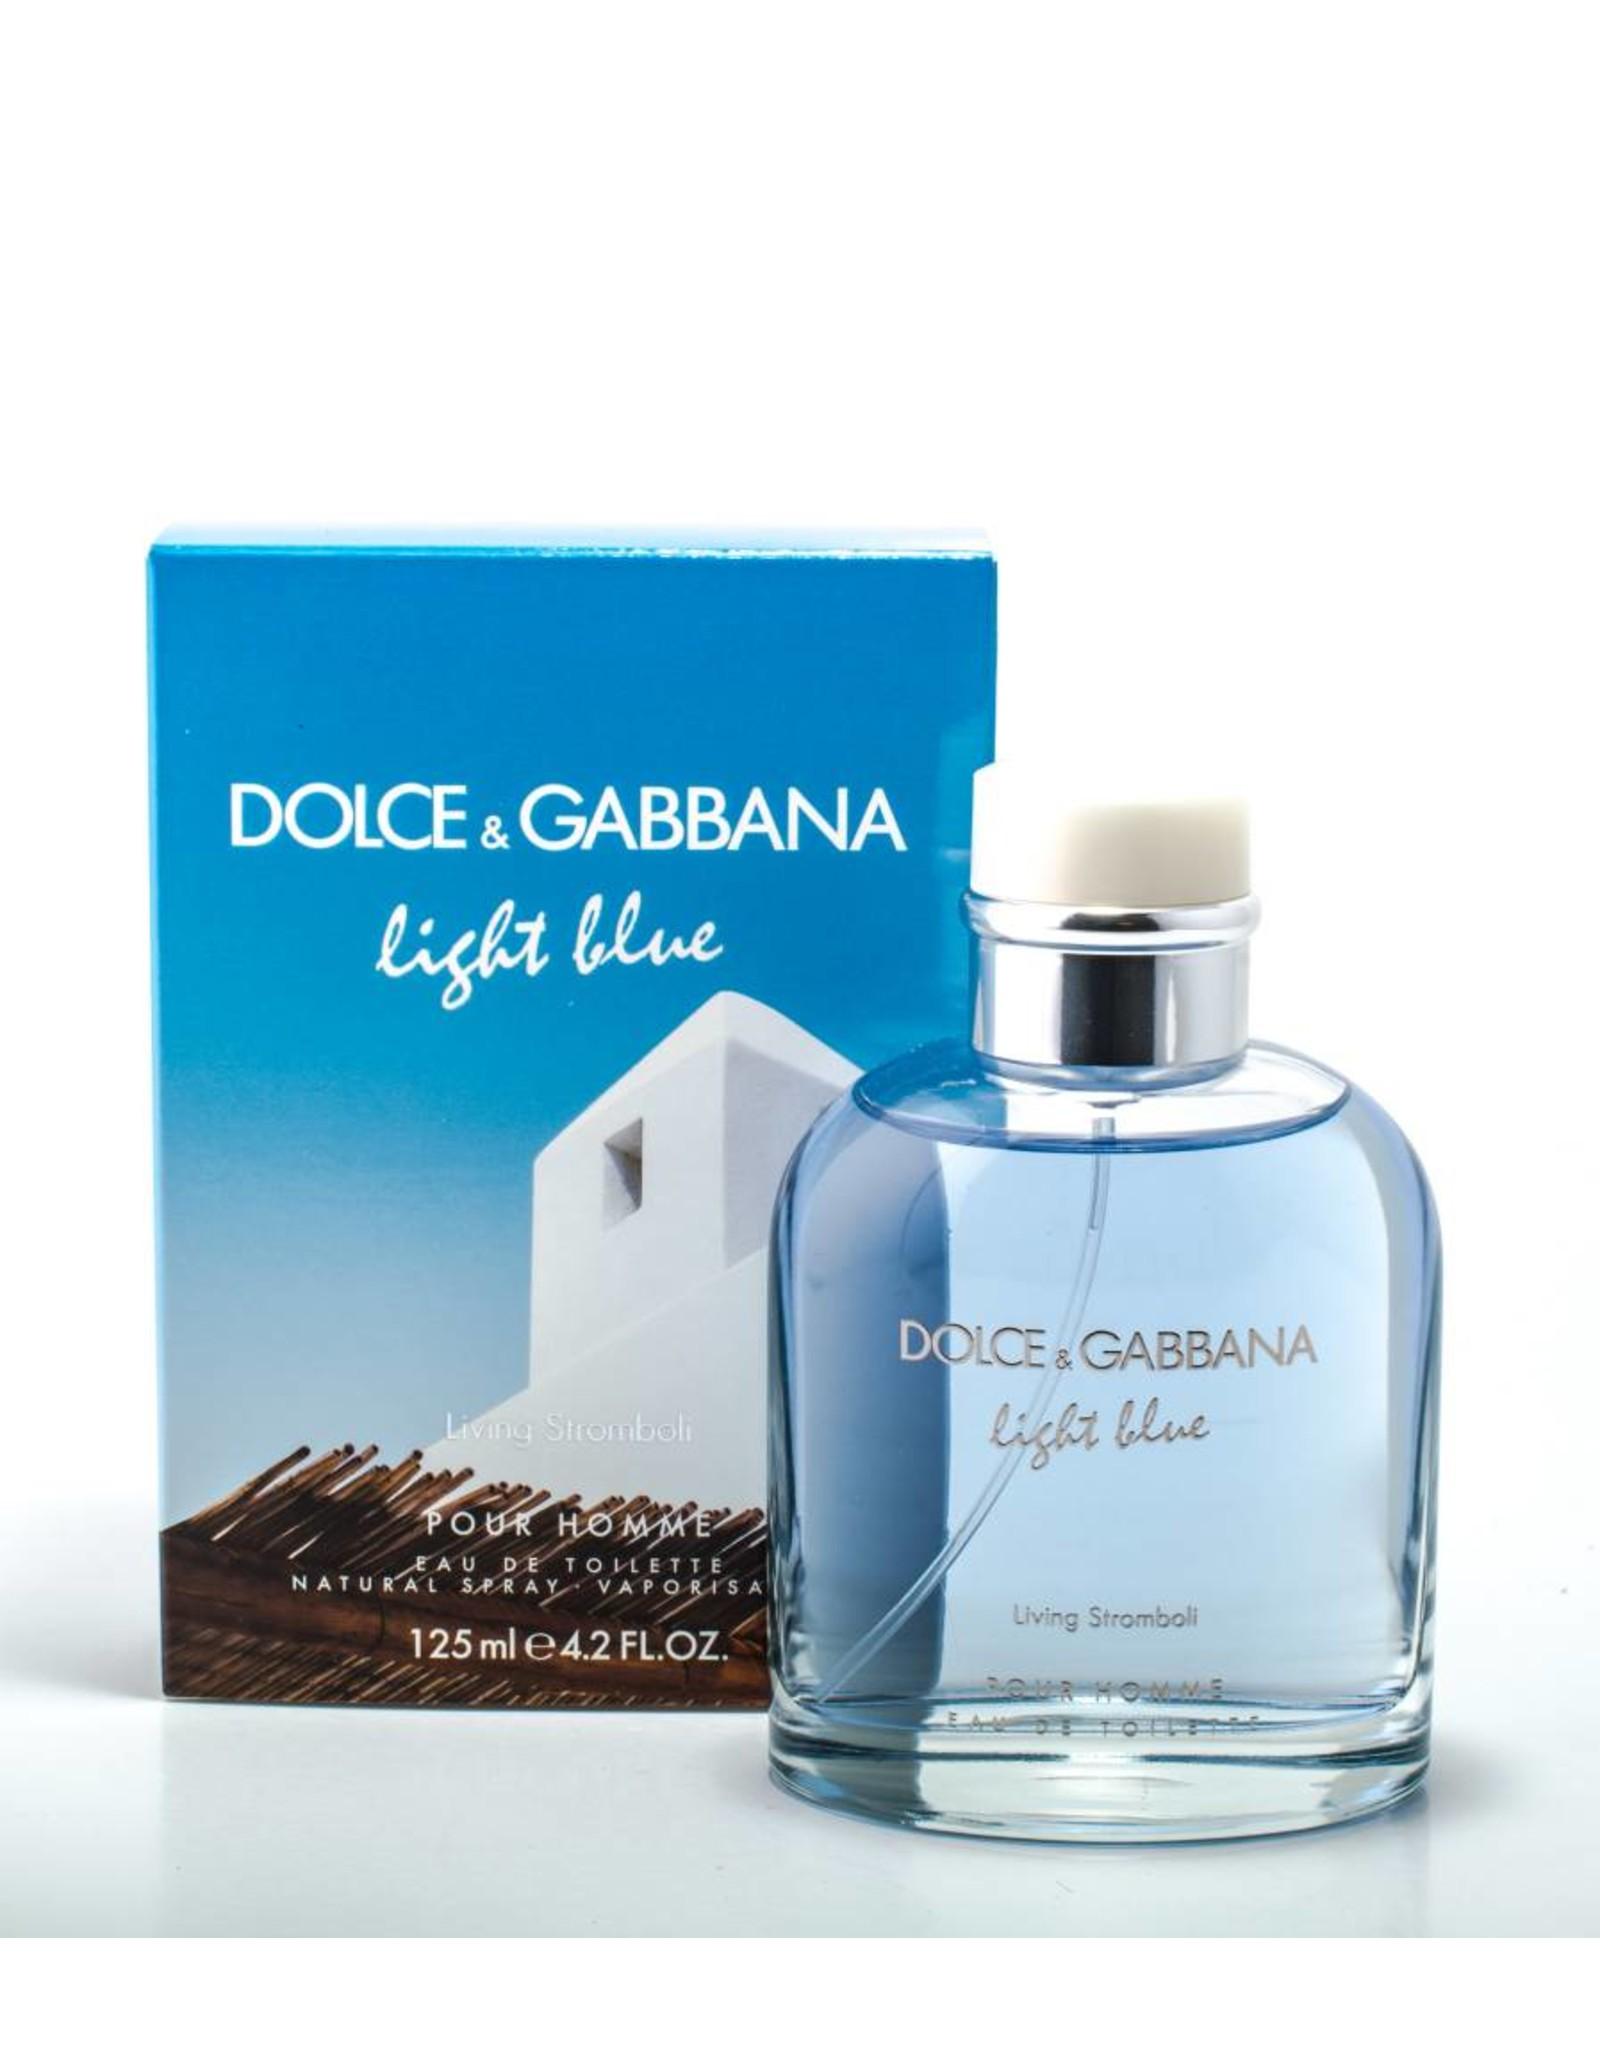 DOLCE & GABBANA DOLCE & GABBANA LIGHT BLUE LIVING STROMBOLI POUR HOMME